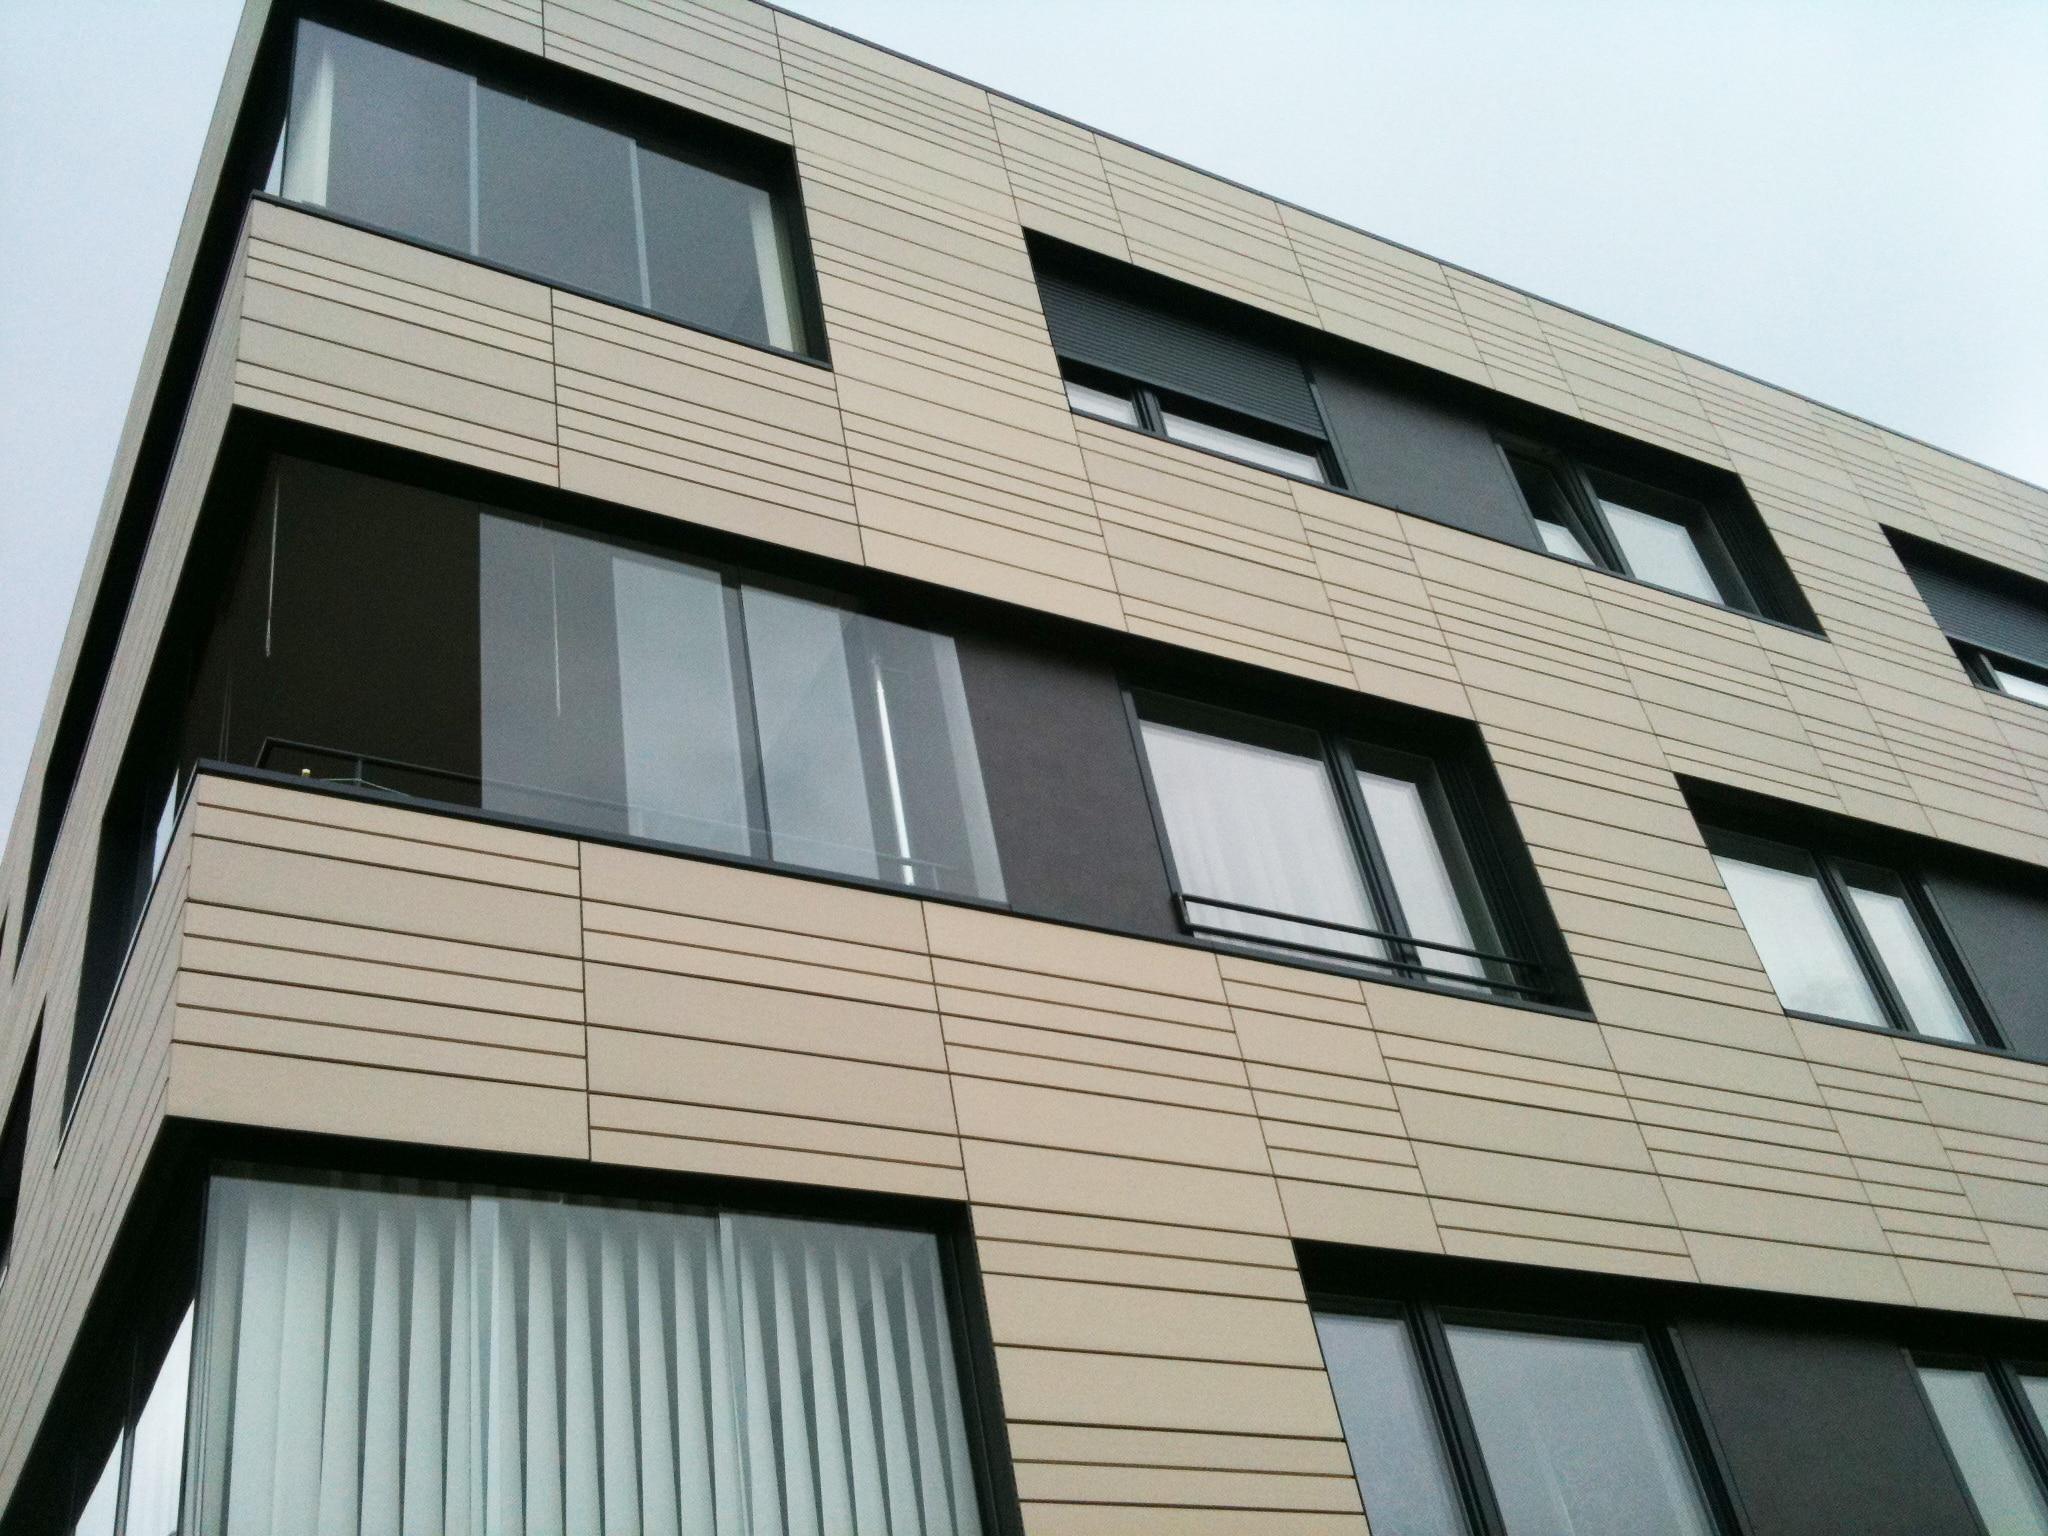 Balkon vor Wind schützen